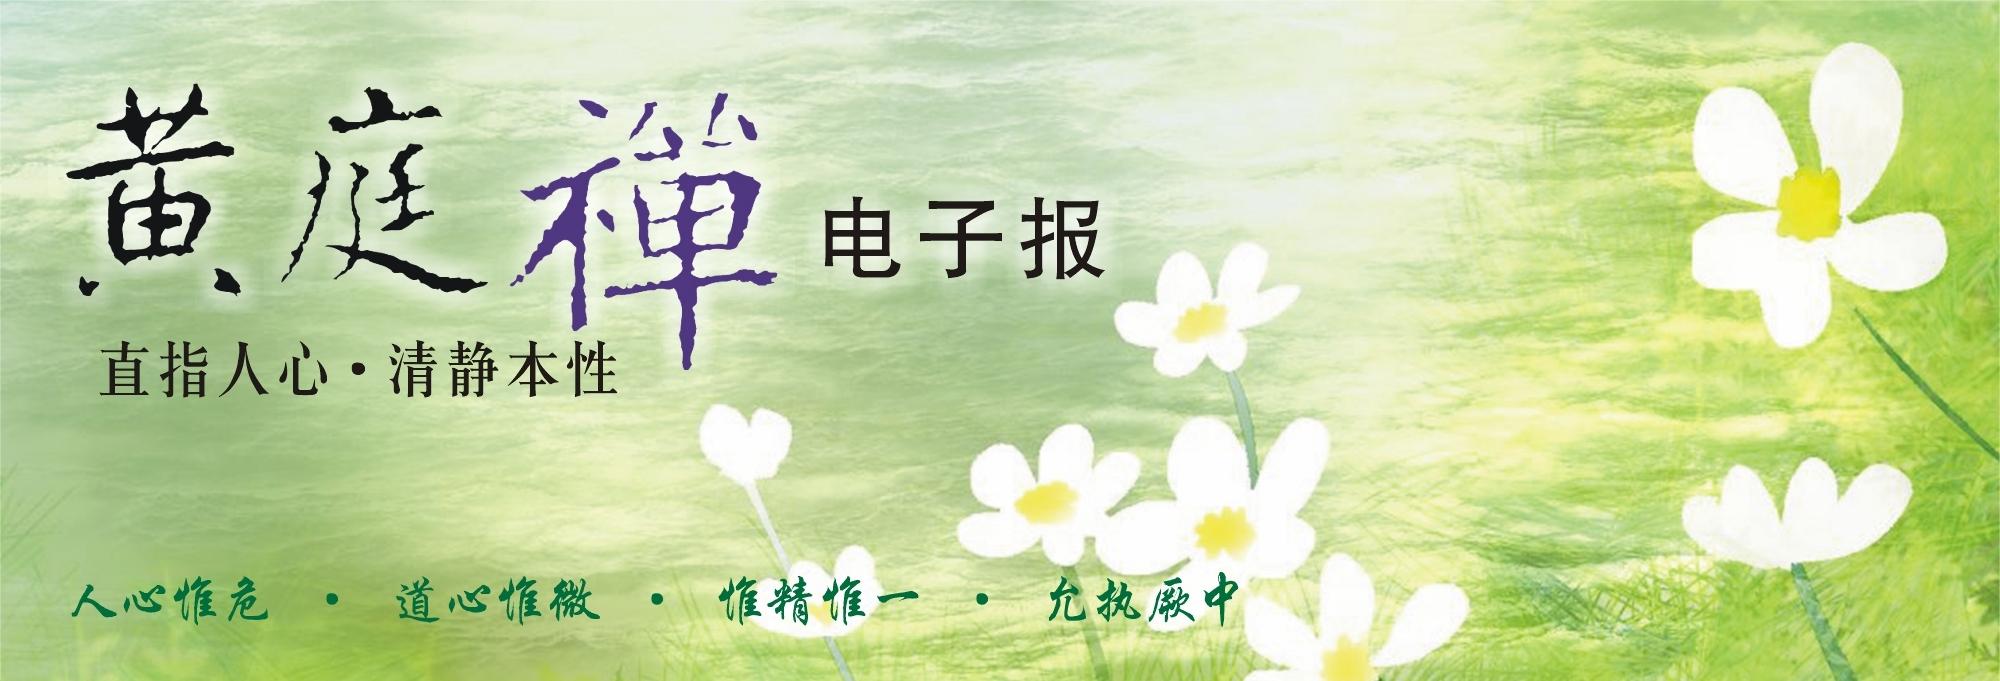 中华黄庭禅学会2018.03.11电子报